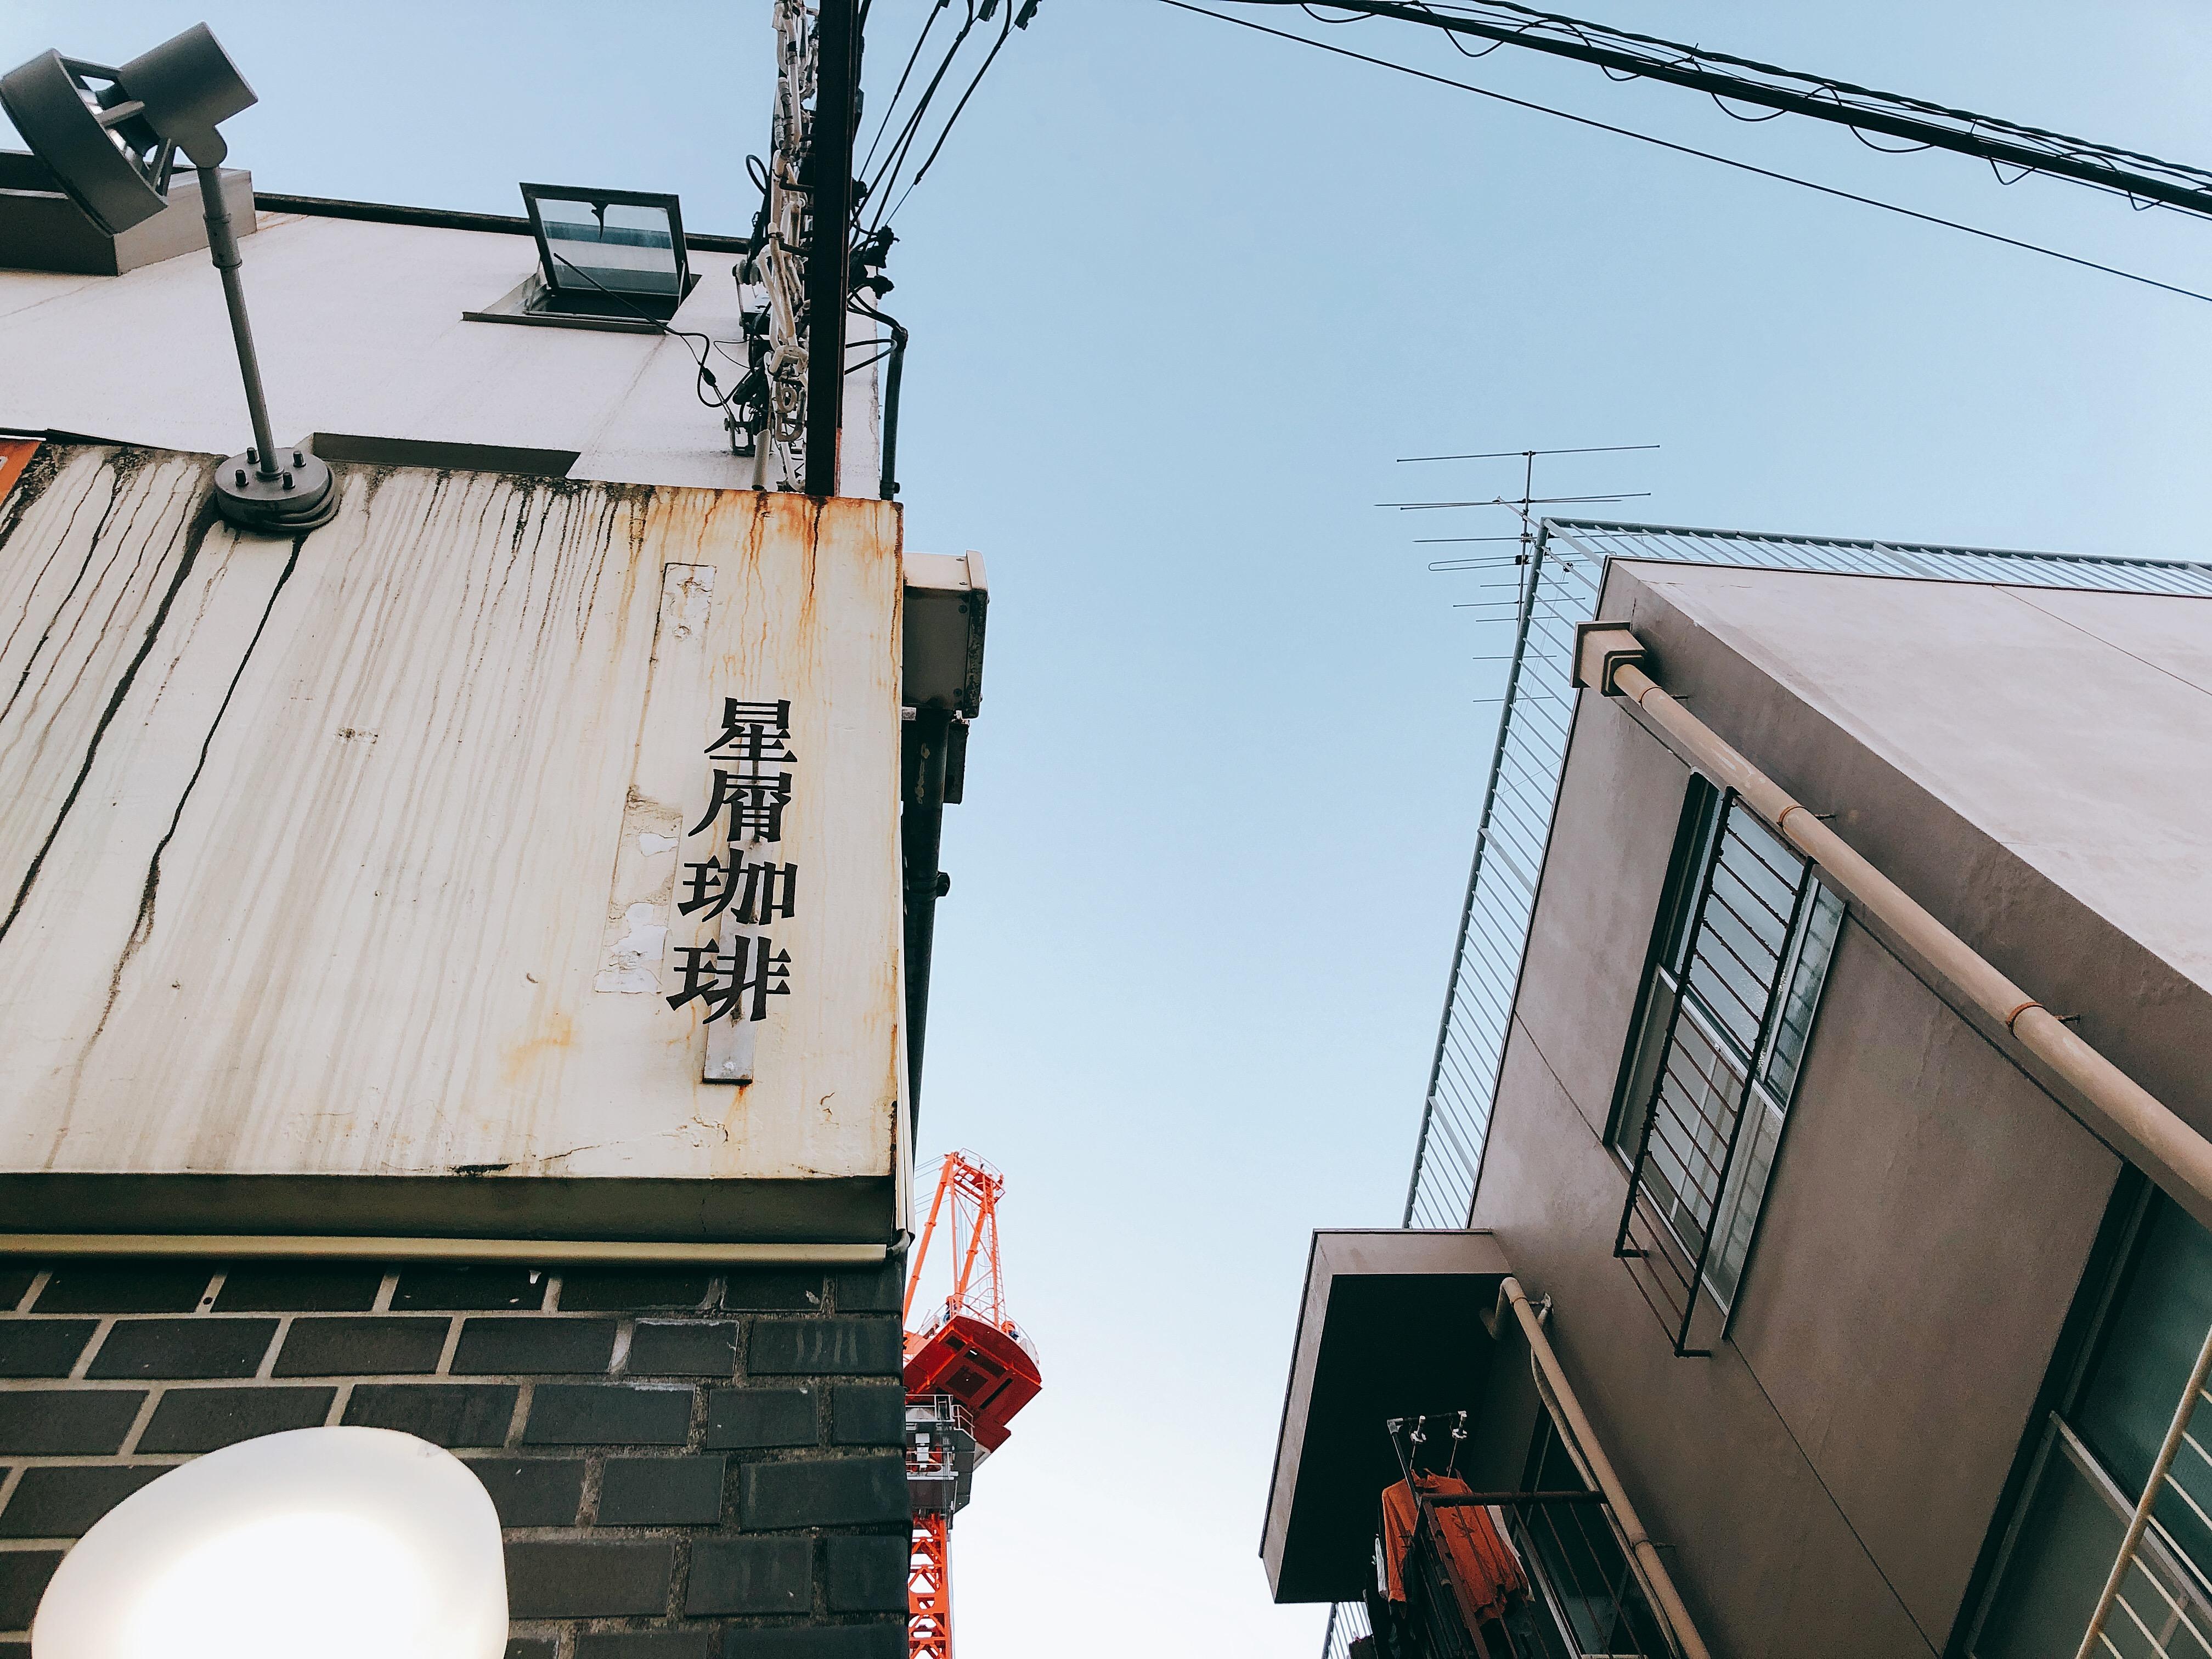 ひとりでも、ふたりでもリラックスタイムを。本山のカフェ「星屑珈琲」 - hoshikuzu 01